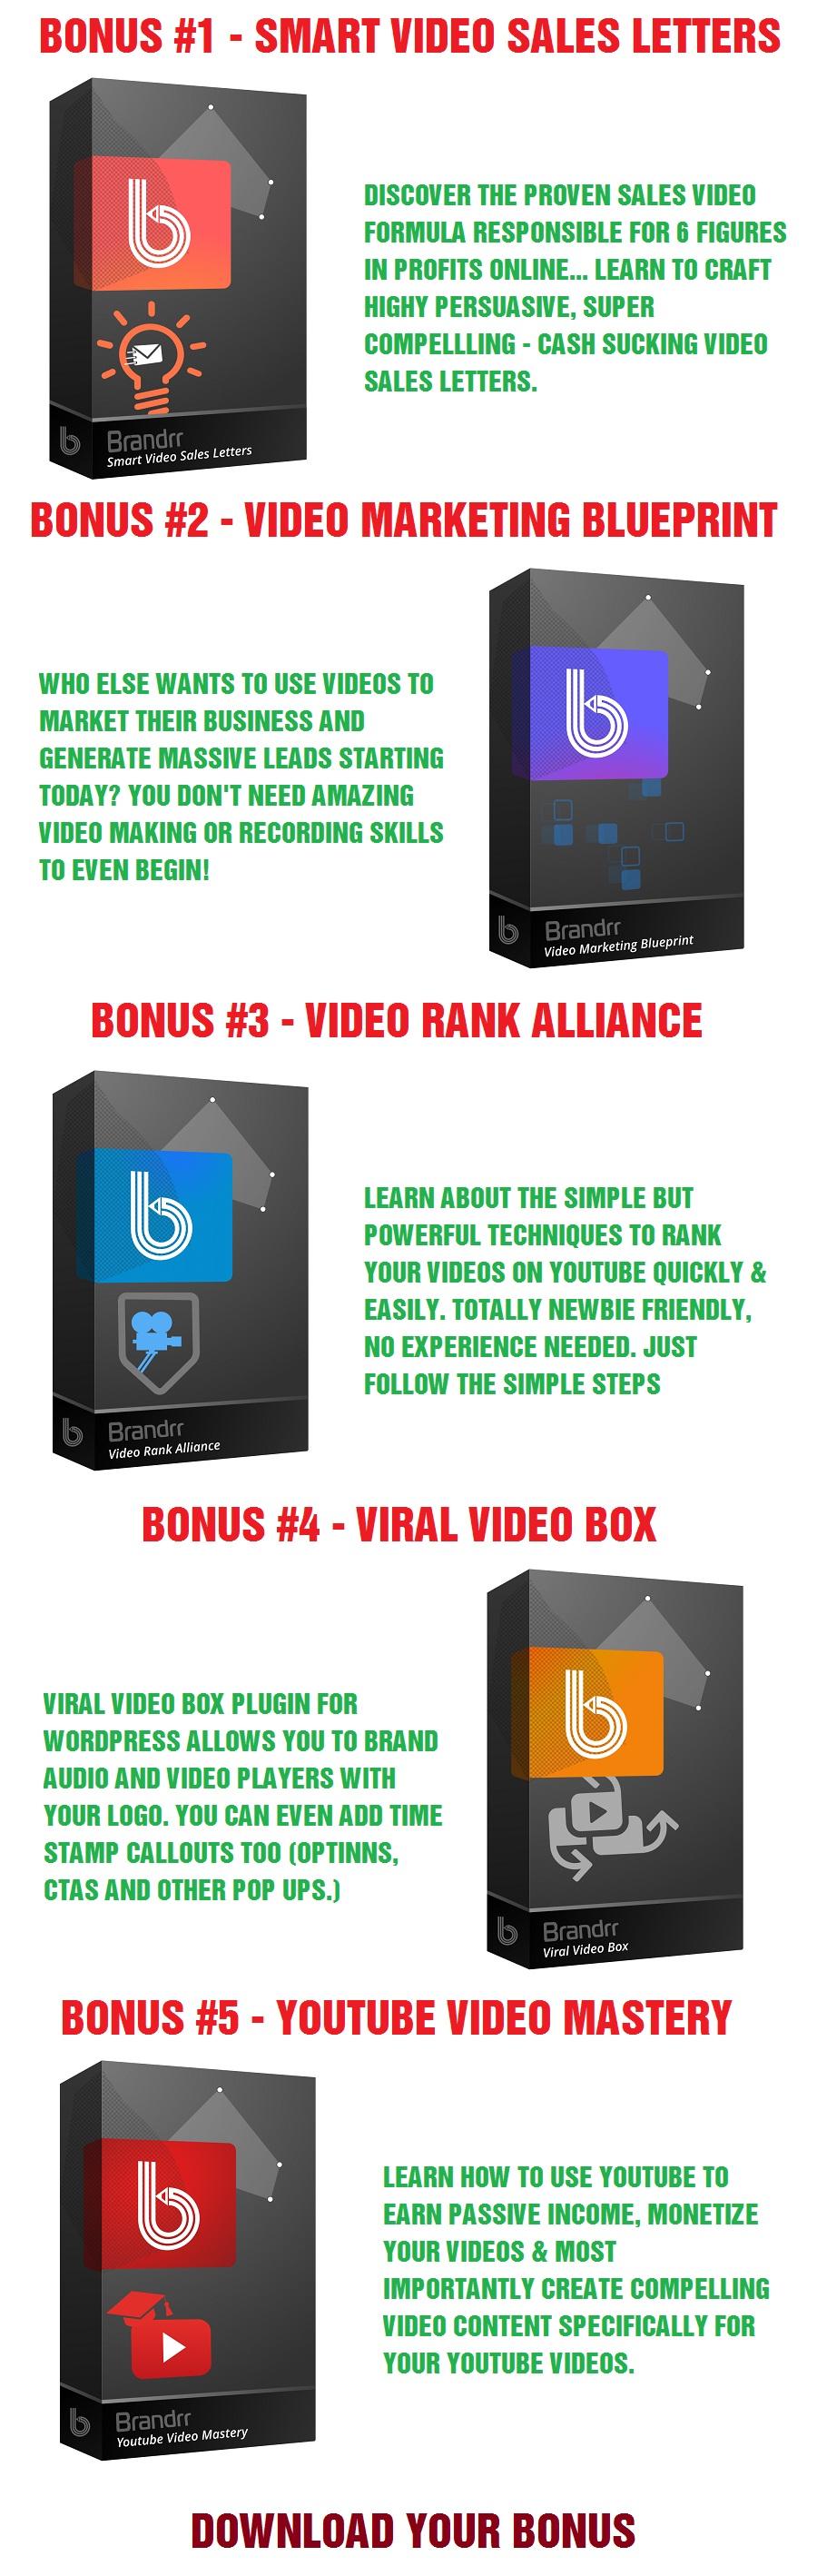 Brandrr Bonus